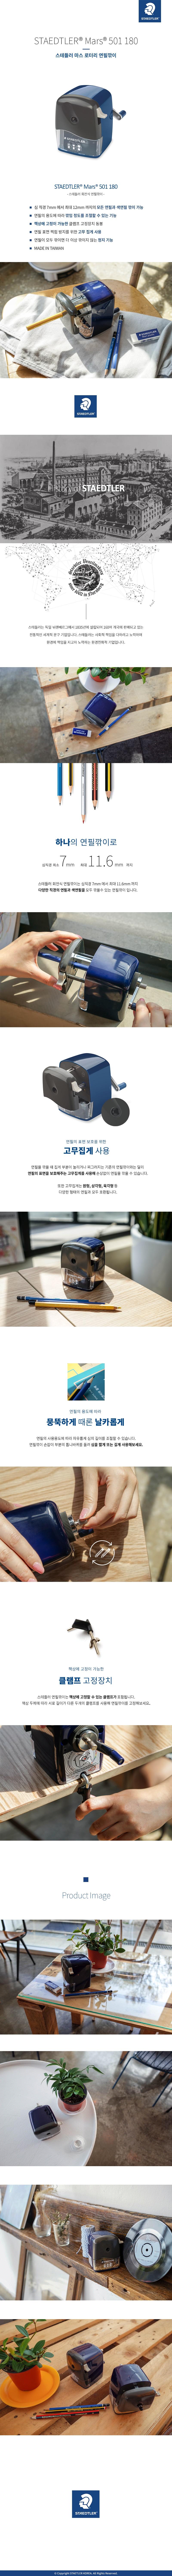 501-180 회전식 연필깎이(심직경 7mm-11.6mm)31,500원-오피스넥스, , , 바보사랑501-180 회전식 연필깎이(심직경 7mm-11.6mm)31,500원-오피스넥스, , , 바보사랑